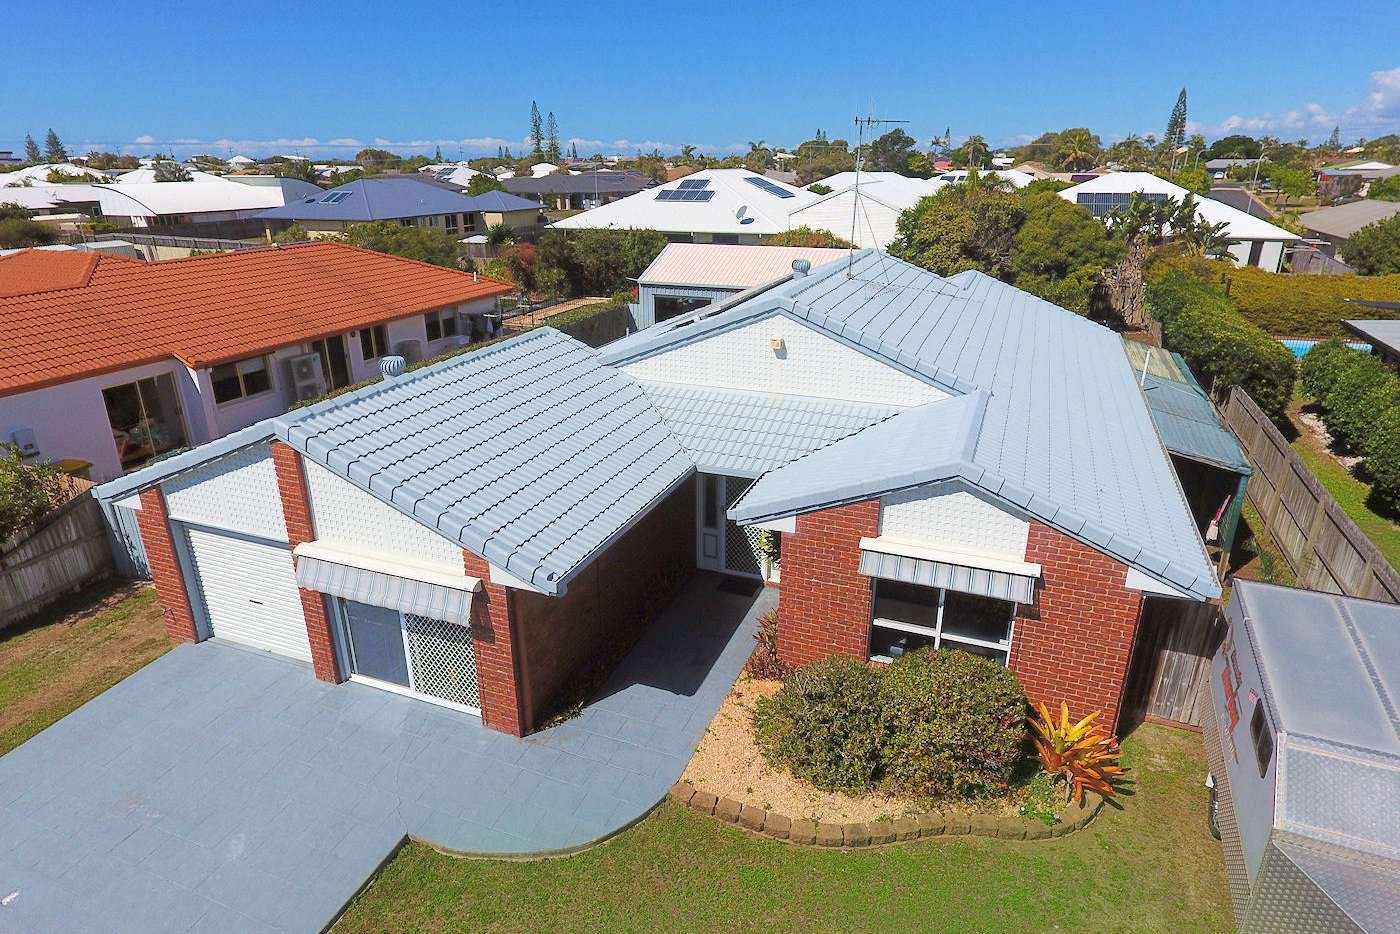 Main view of Homely house listing, 21 Bargara Lakes Dr, Bargara QLD 4670